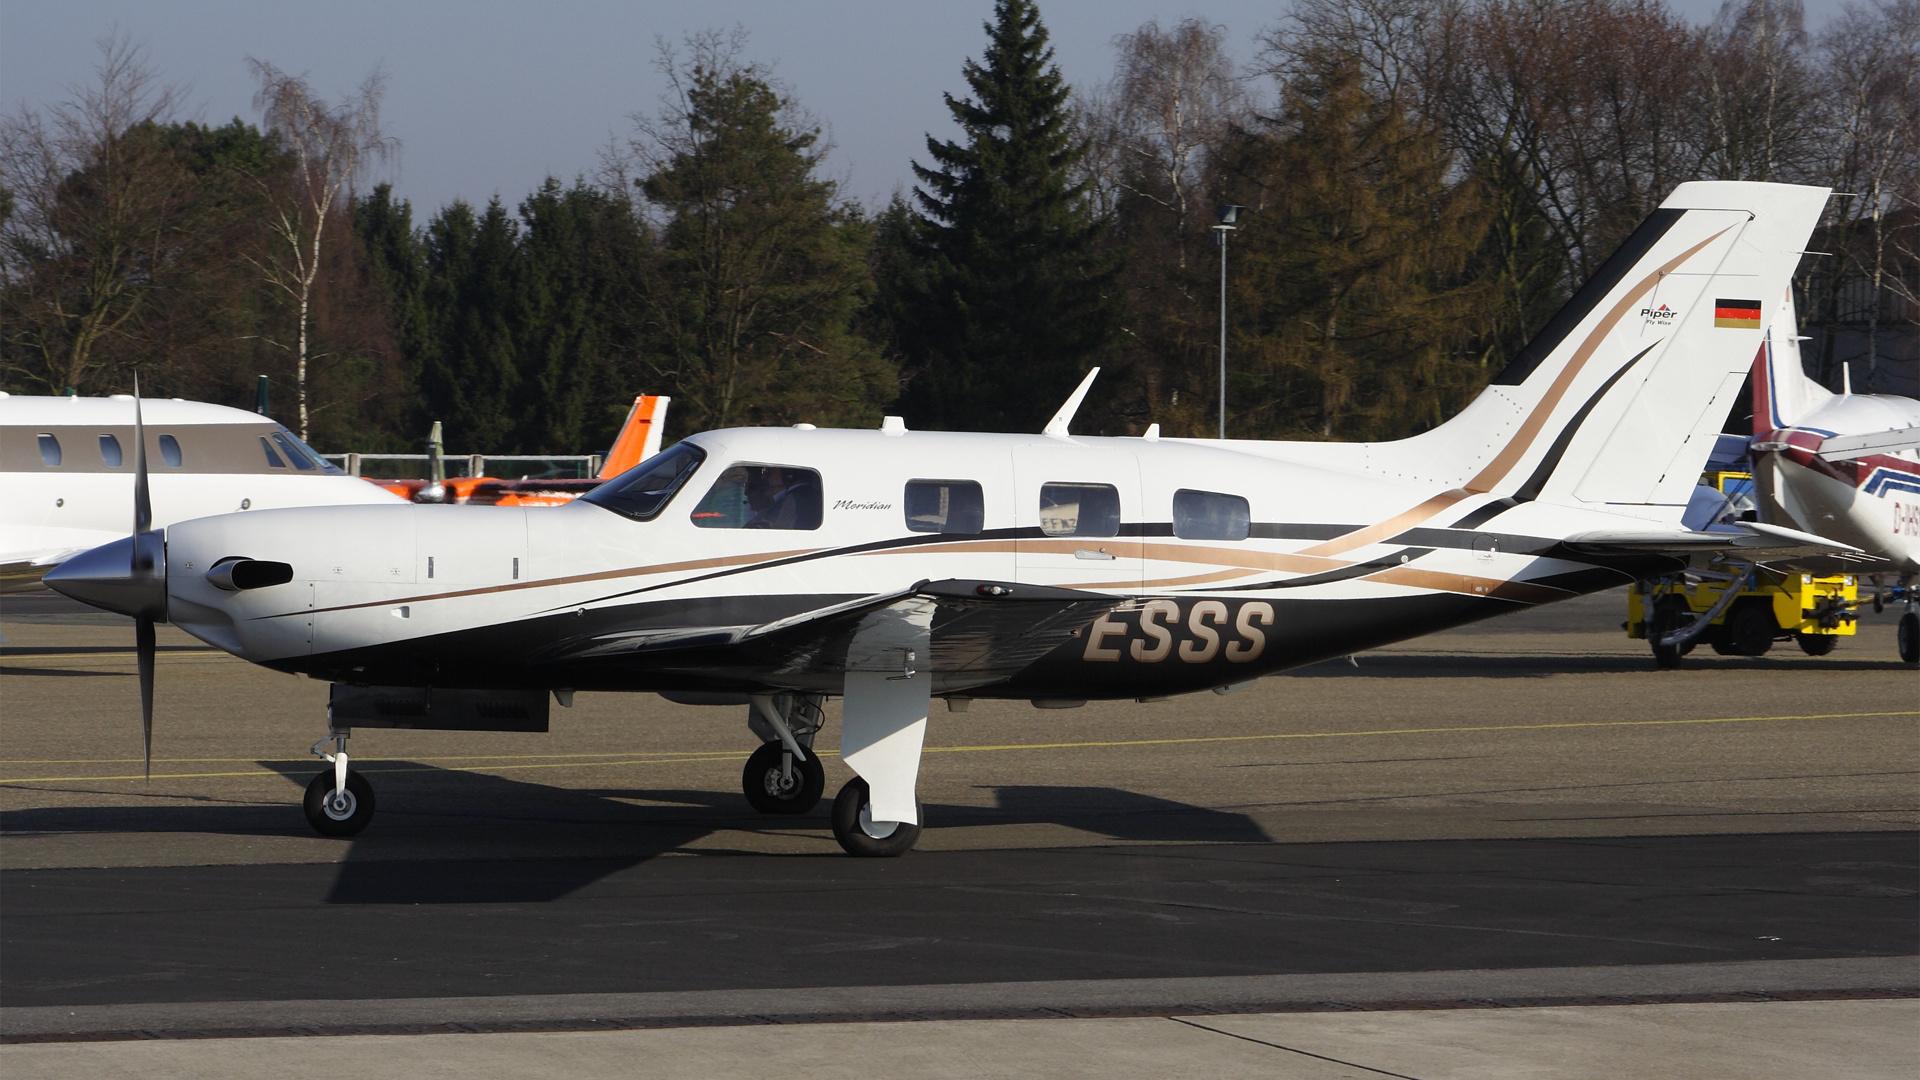 D-ESSS-1 Malibu  ESS 200904